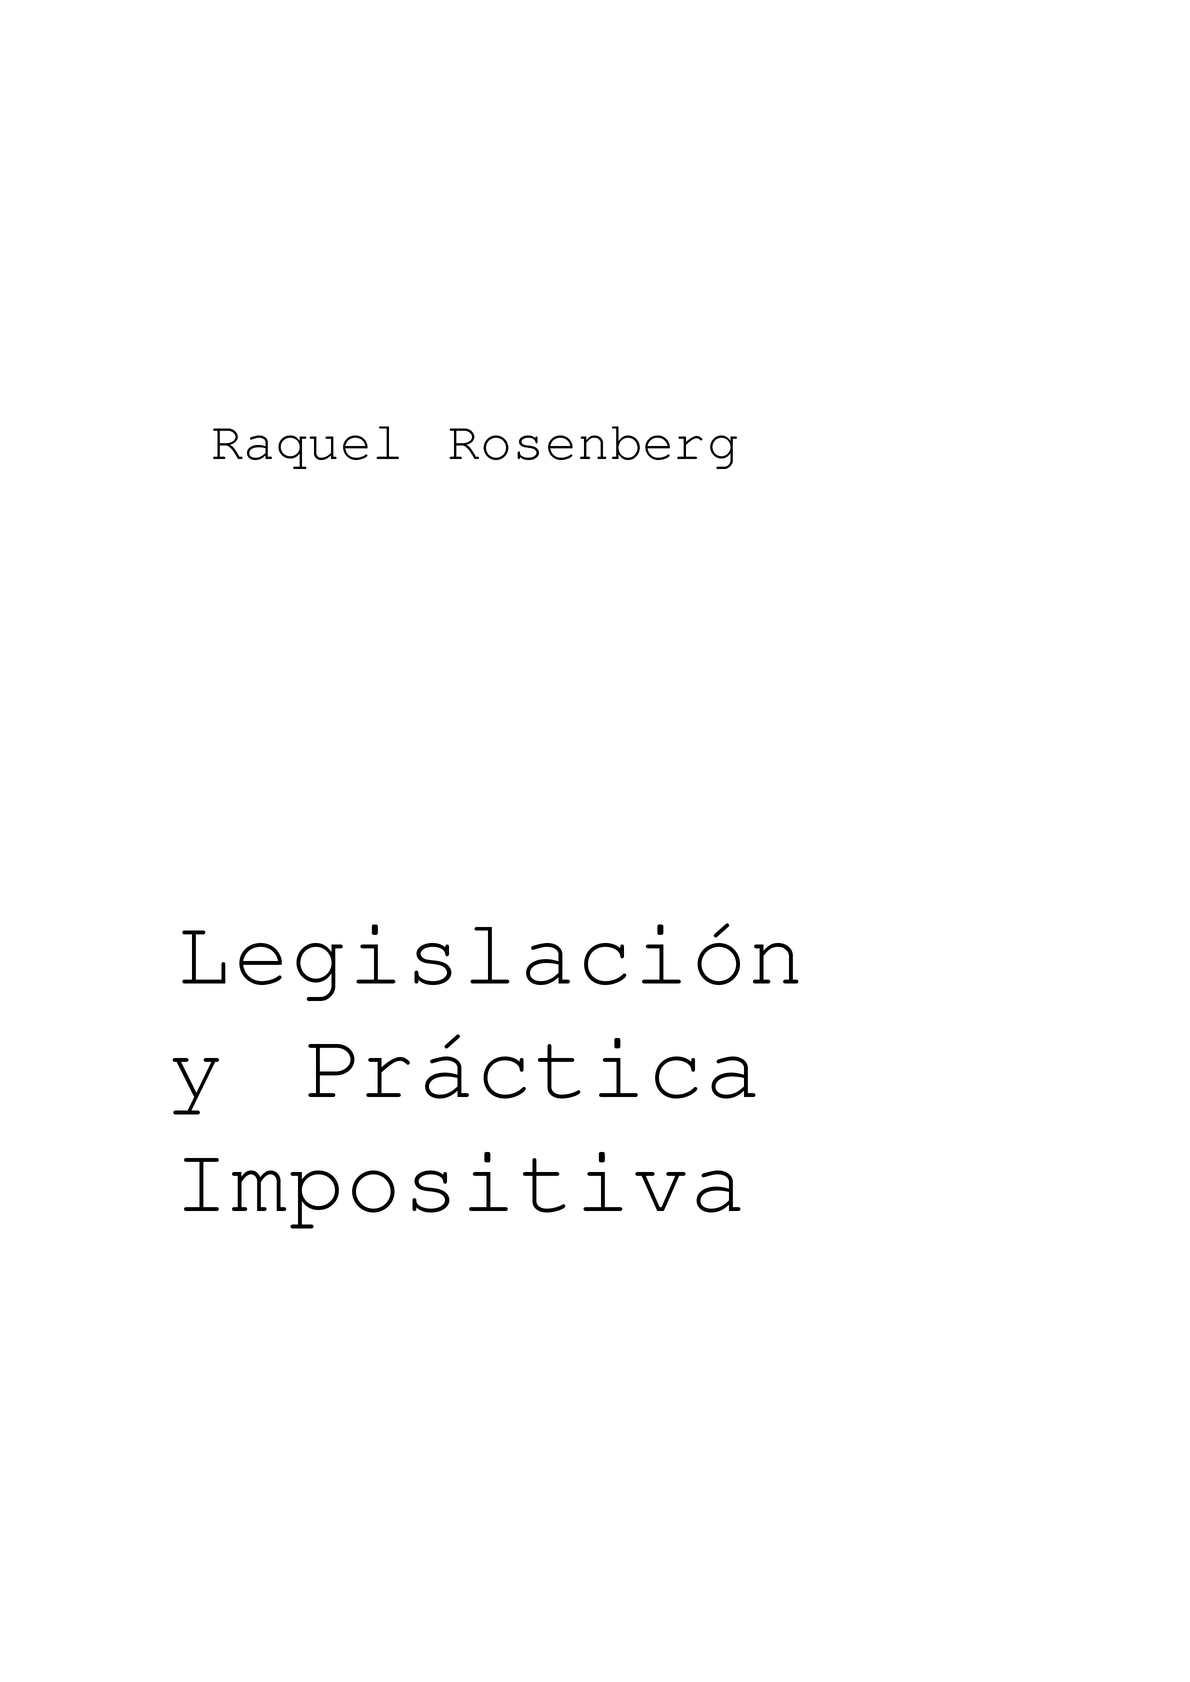 Calaméo - manual de legislacion impositiva